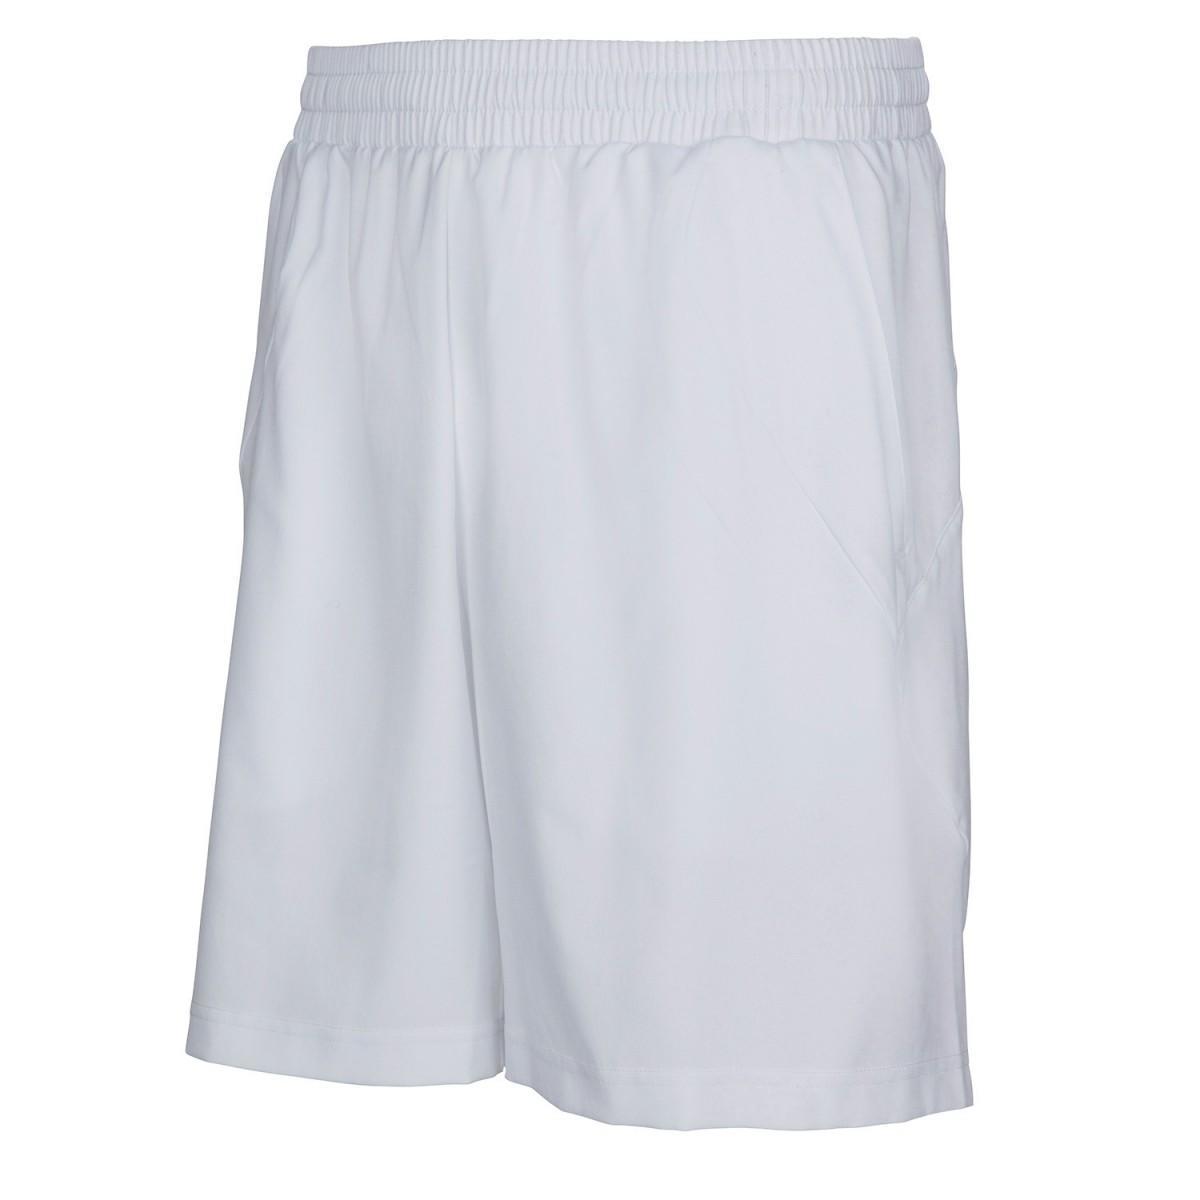 Теннисные шорты детские Babolat Core Short Boy white